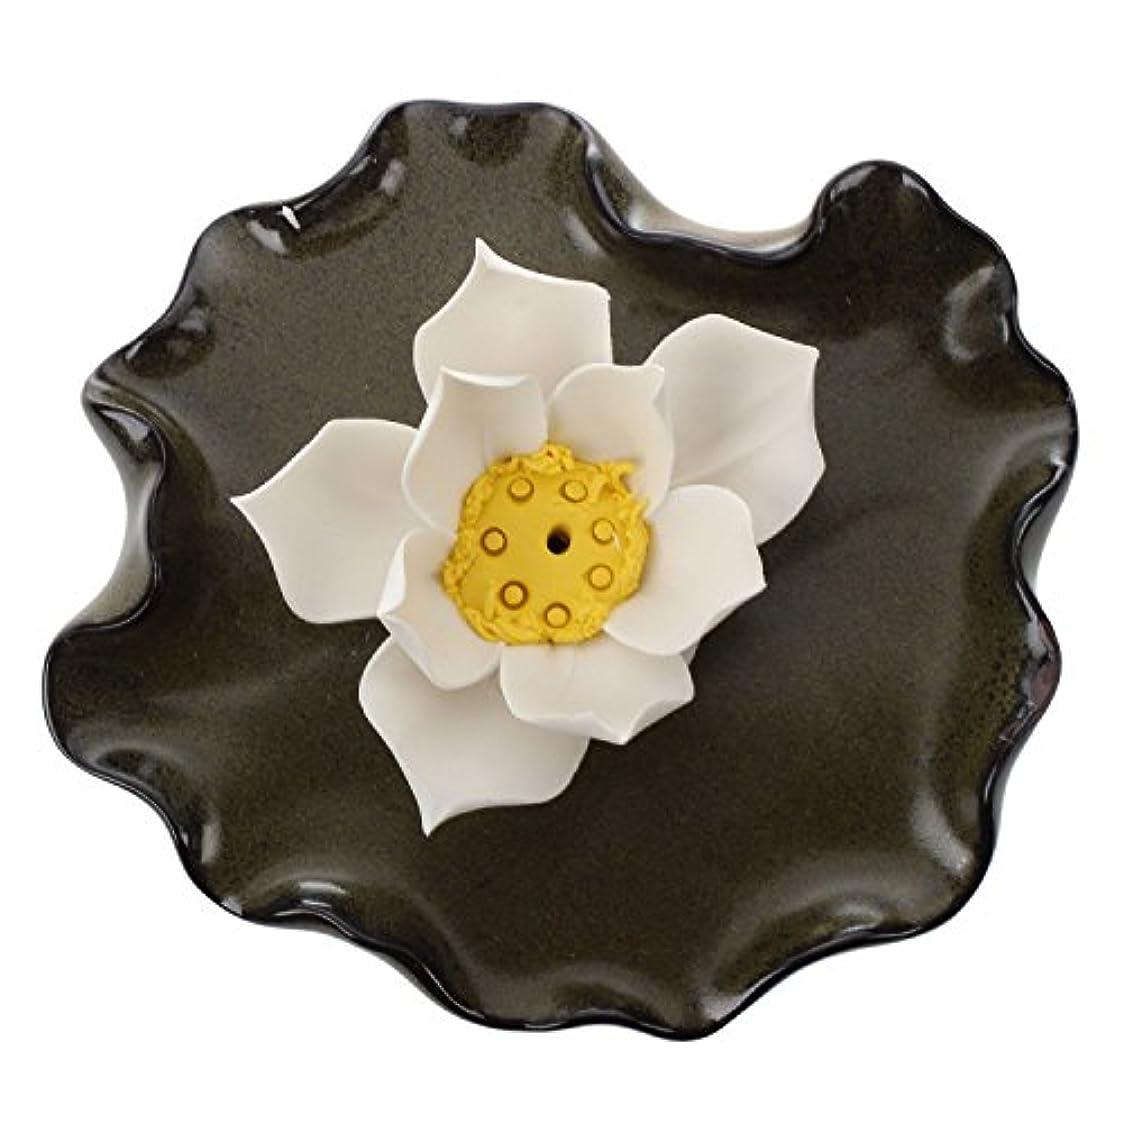 忌み嫌うファンブルデコレーションSODIAL (R) セラミックハンドメイドArtistic Incense Holder BurnerスティックコイルBuddhist Water Lilyプレート – 単一穴Lotus